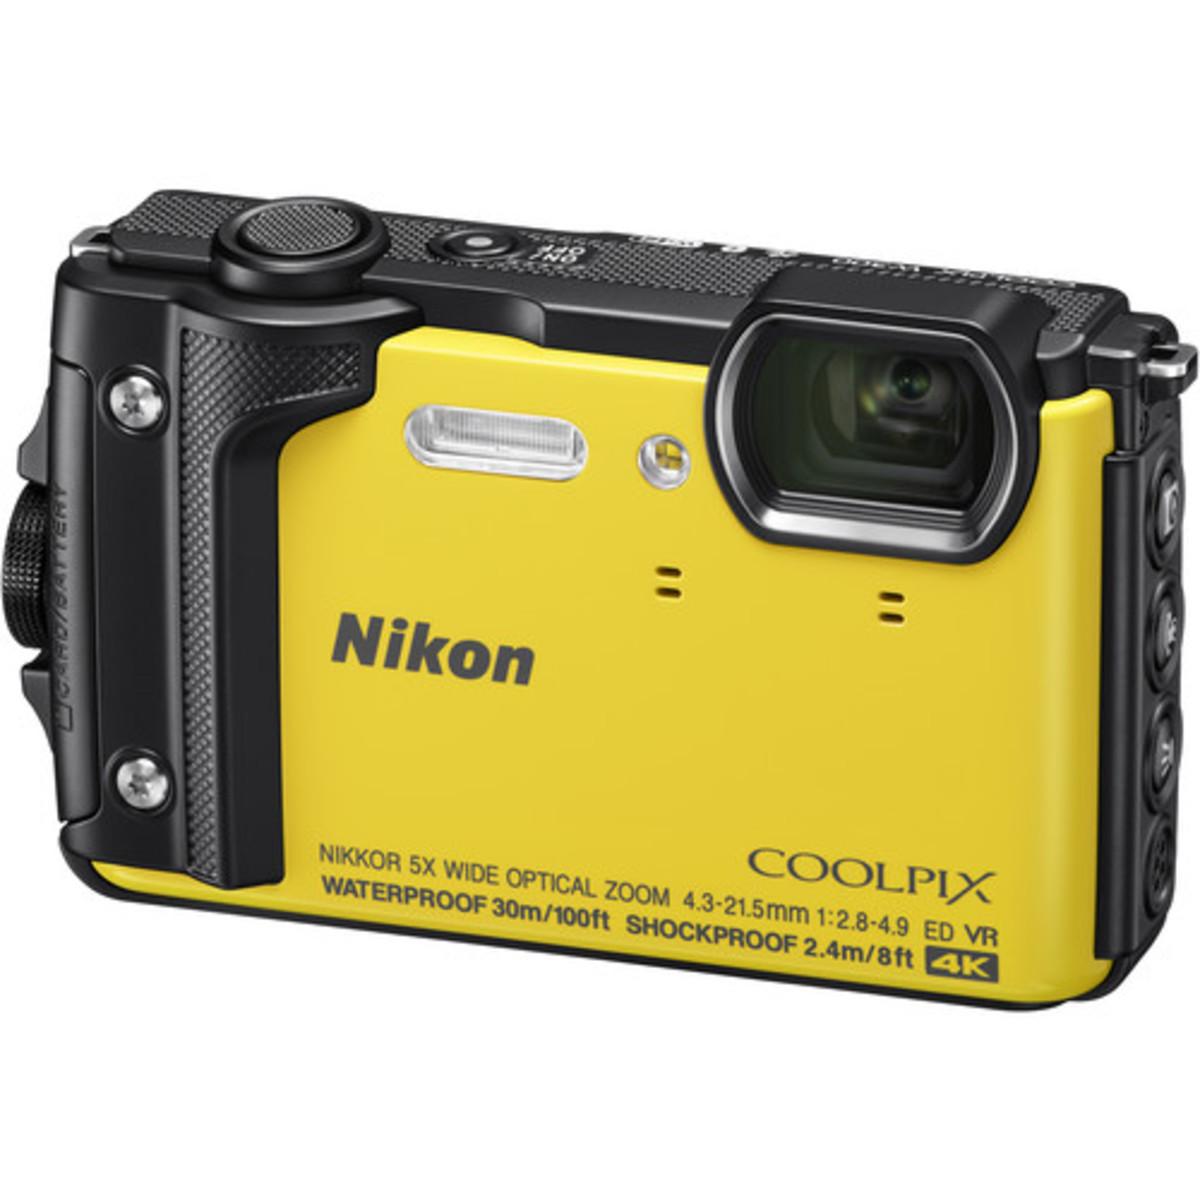 COOLPIX W300 Digital Camera - [黃色] (平行進口)